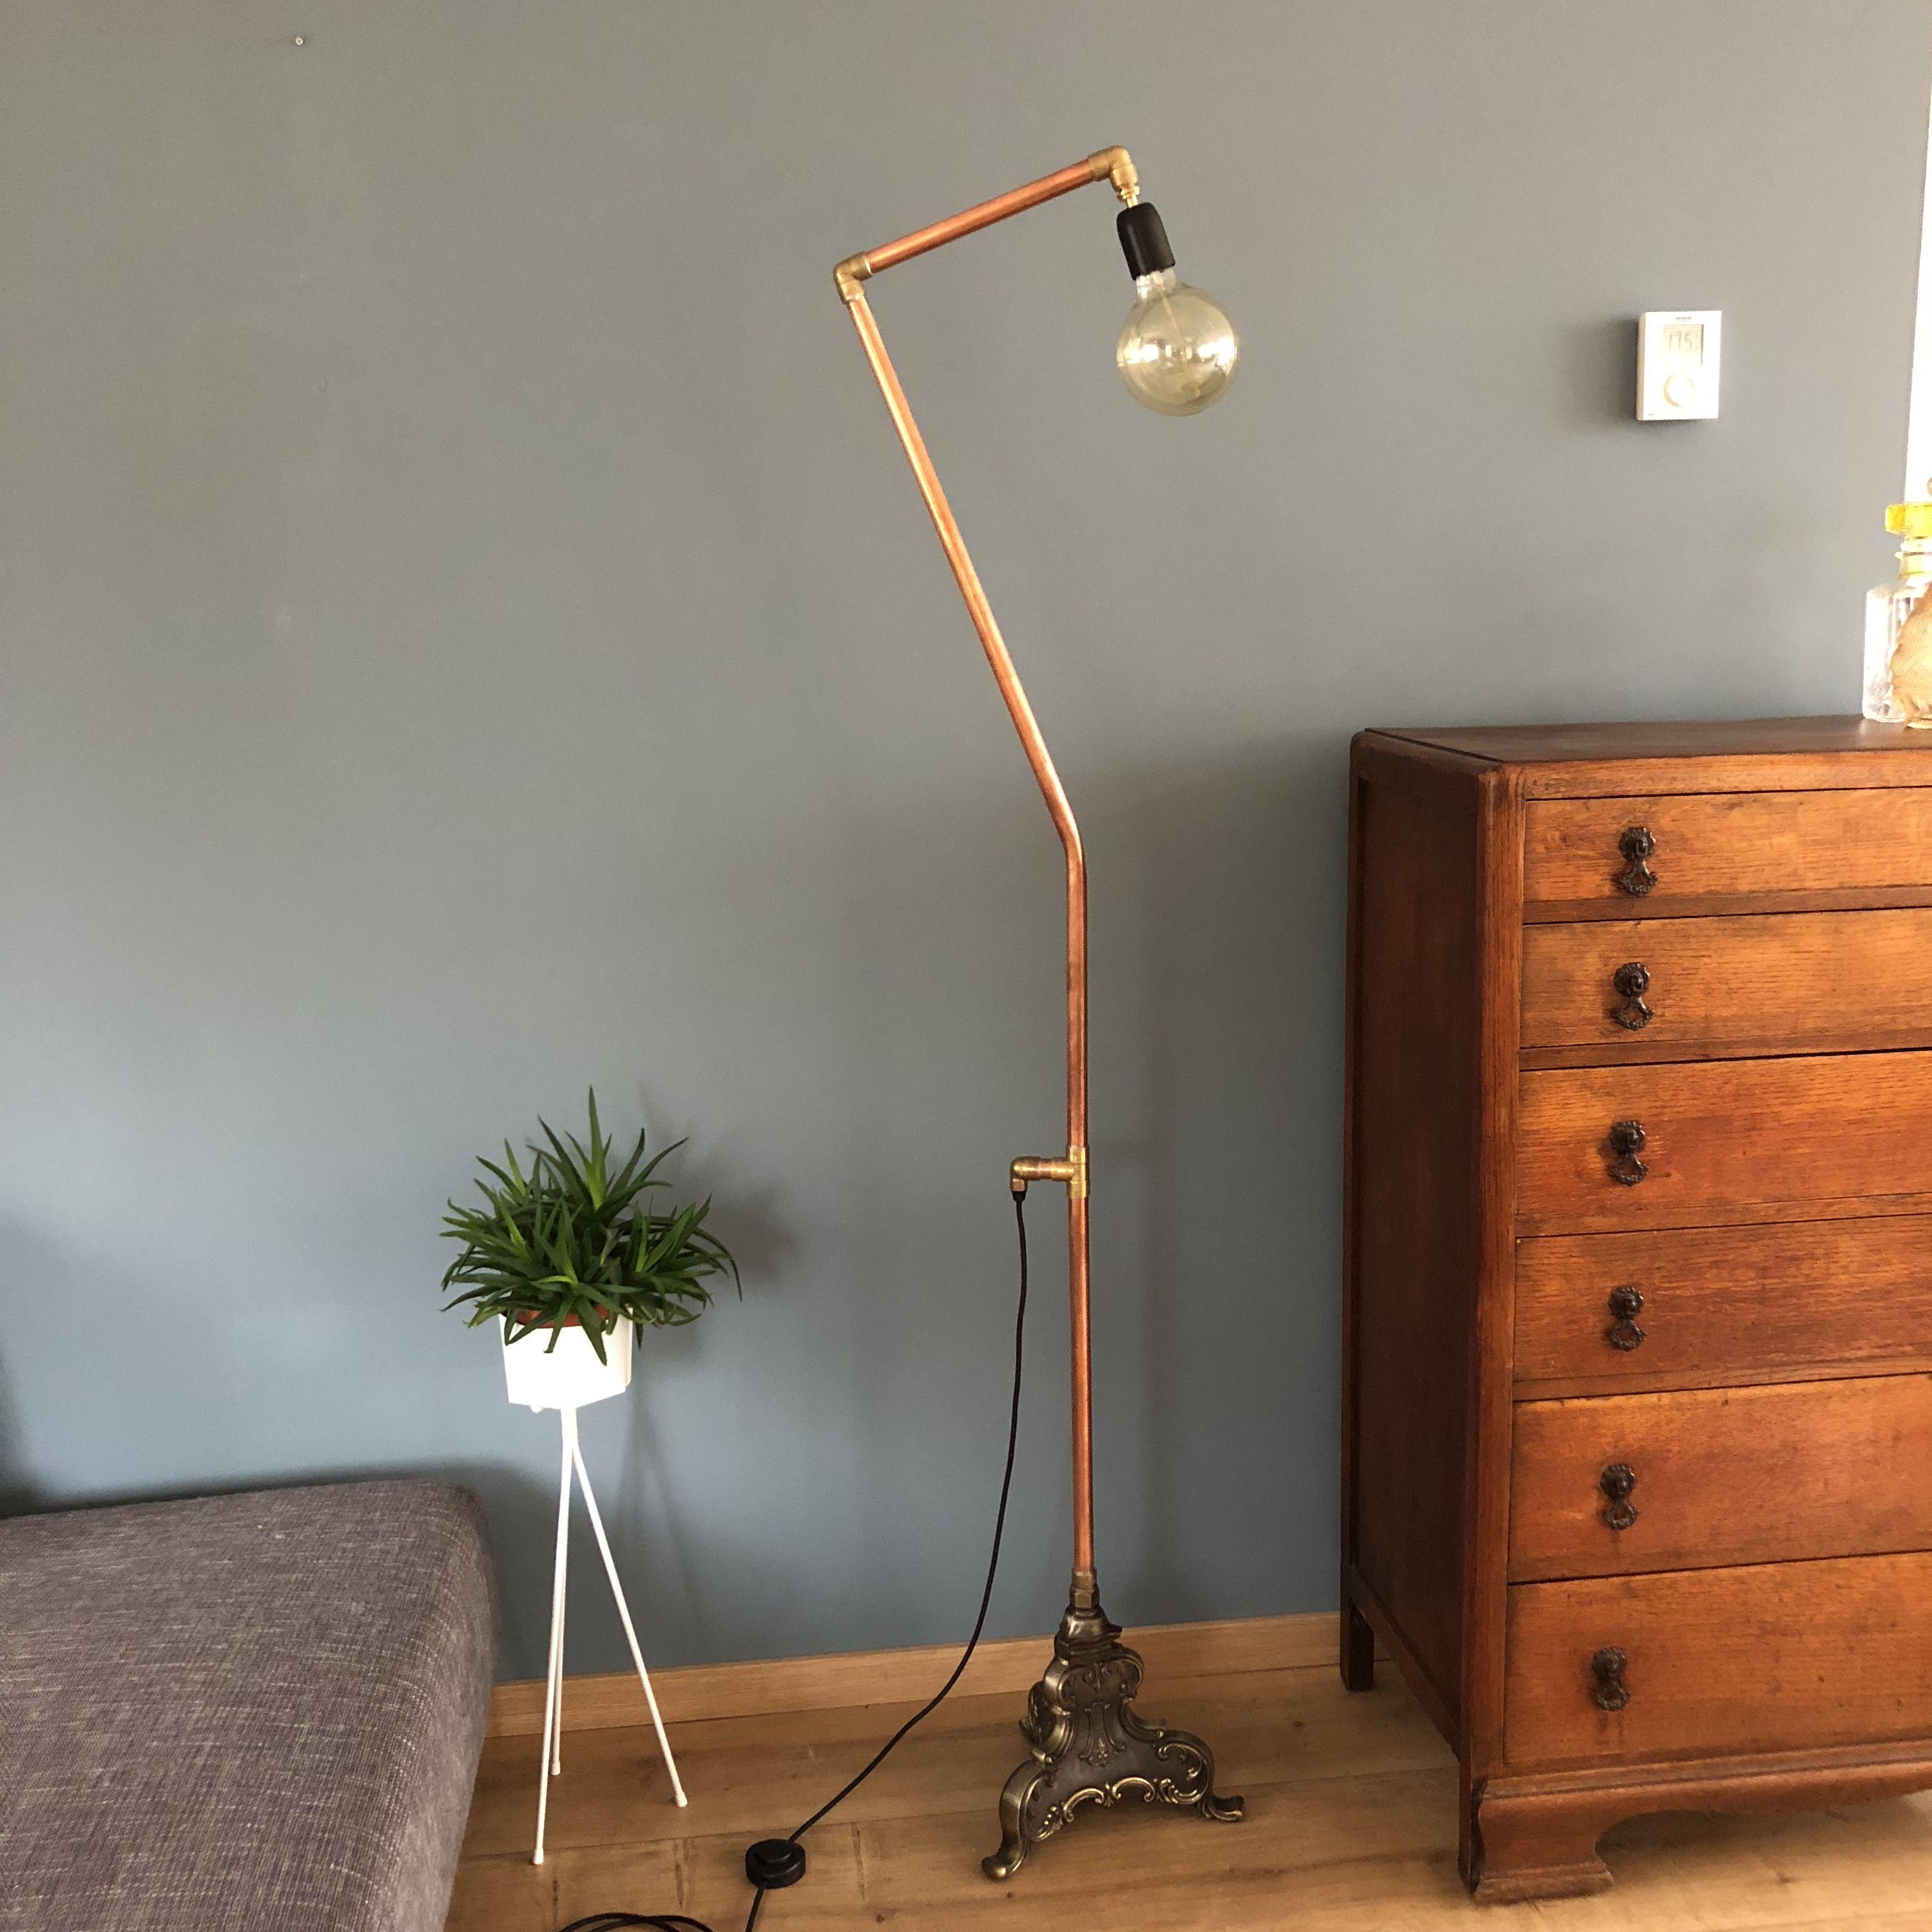 Mooi unieke staande huiskamer lamp. De lamp is gemaakt van